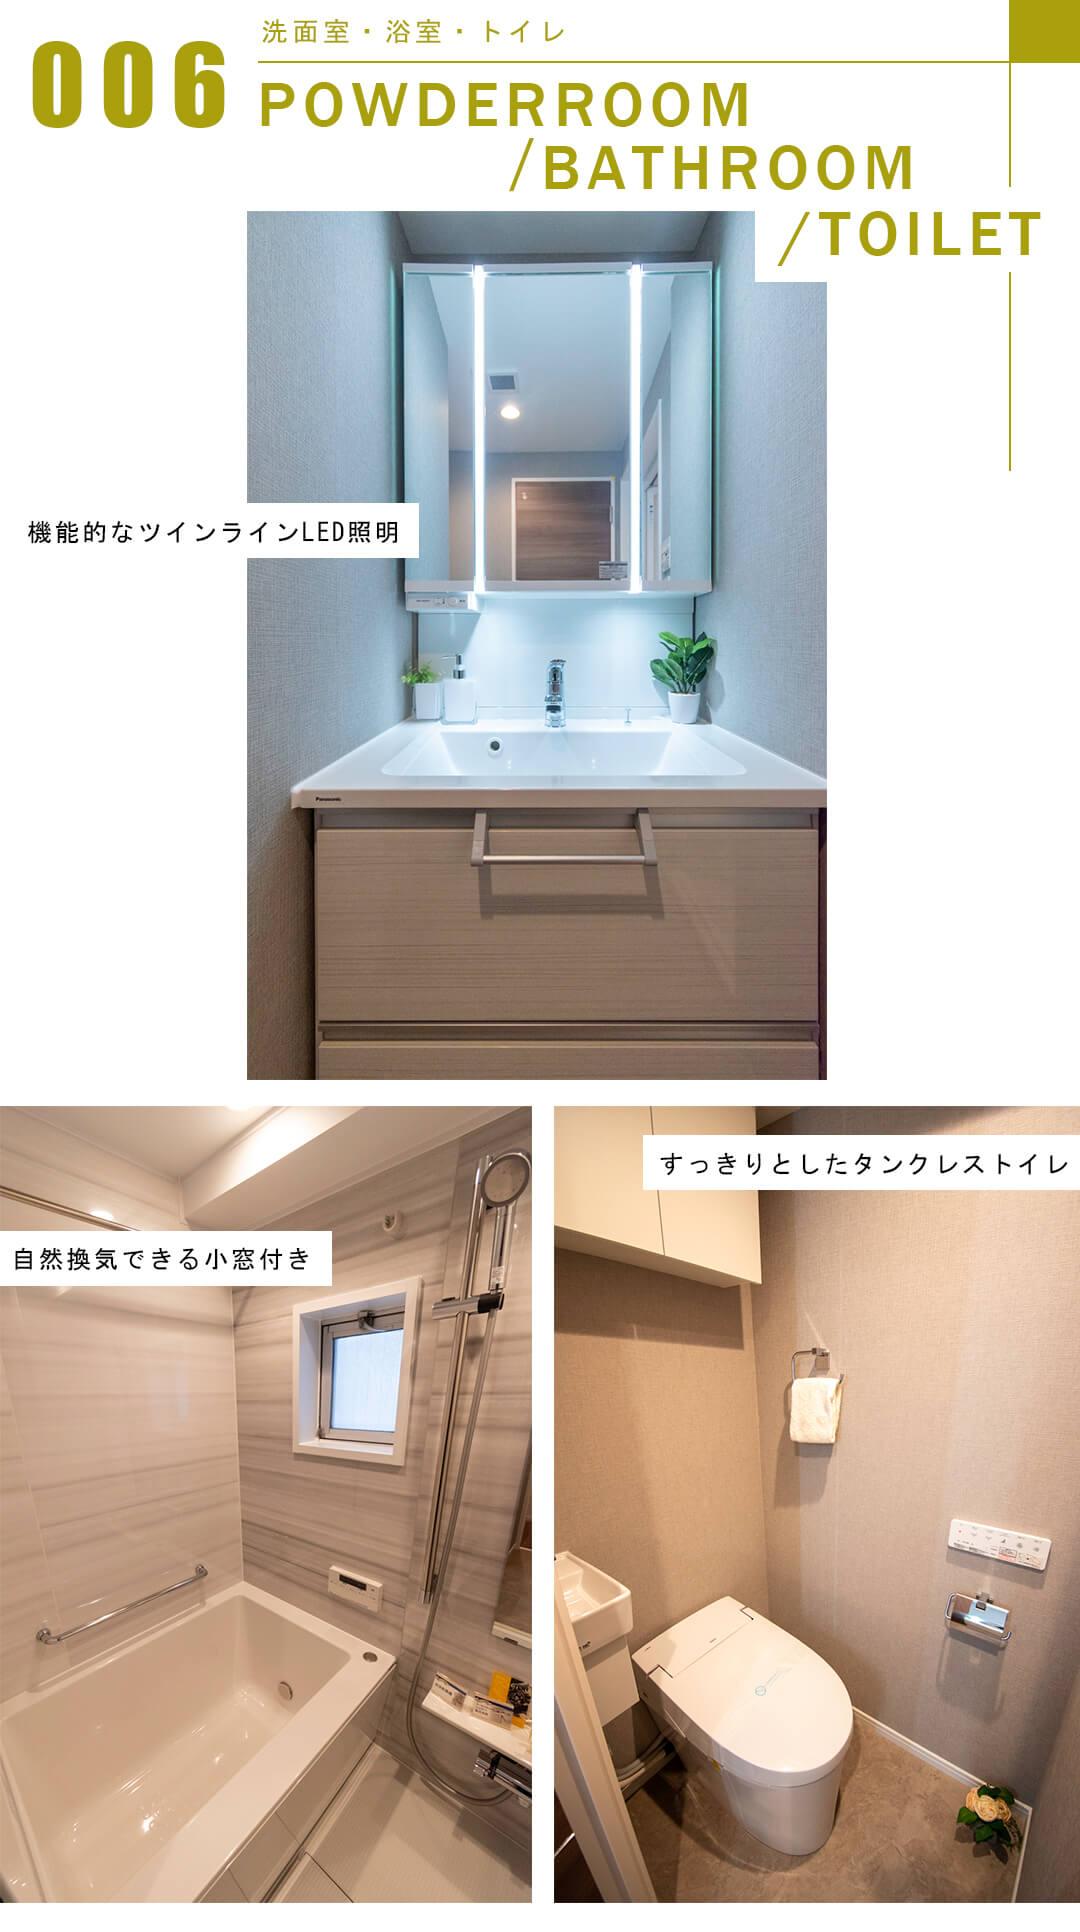 チサンマンション南麻布の洗面室と浴室とトイレ